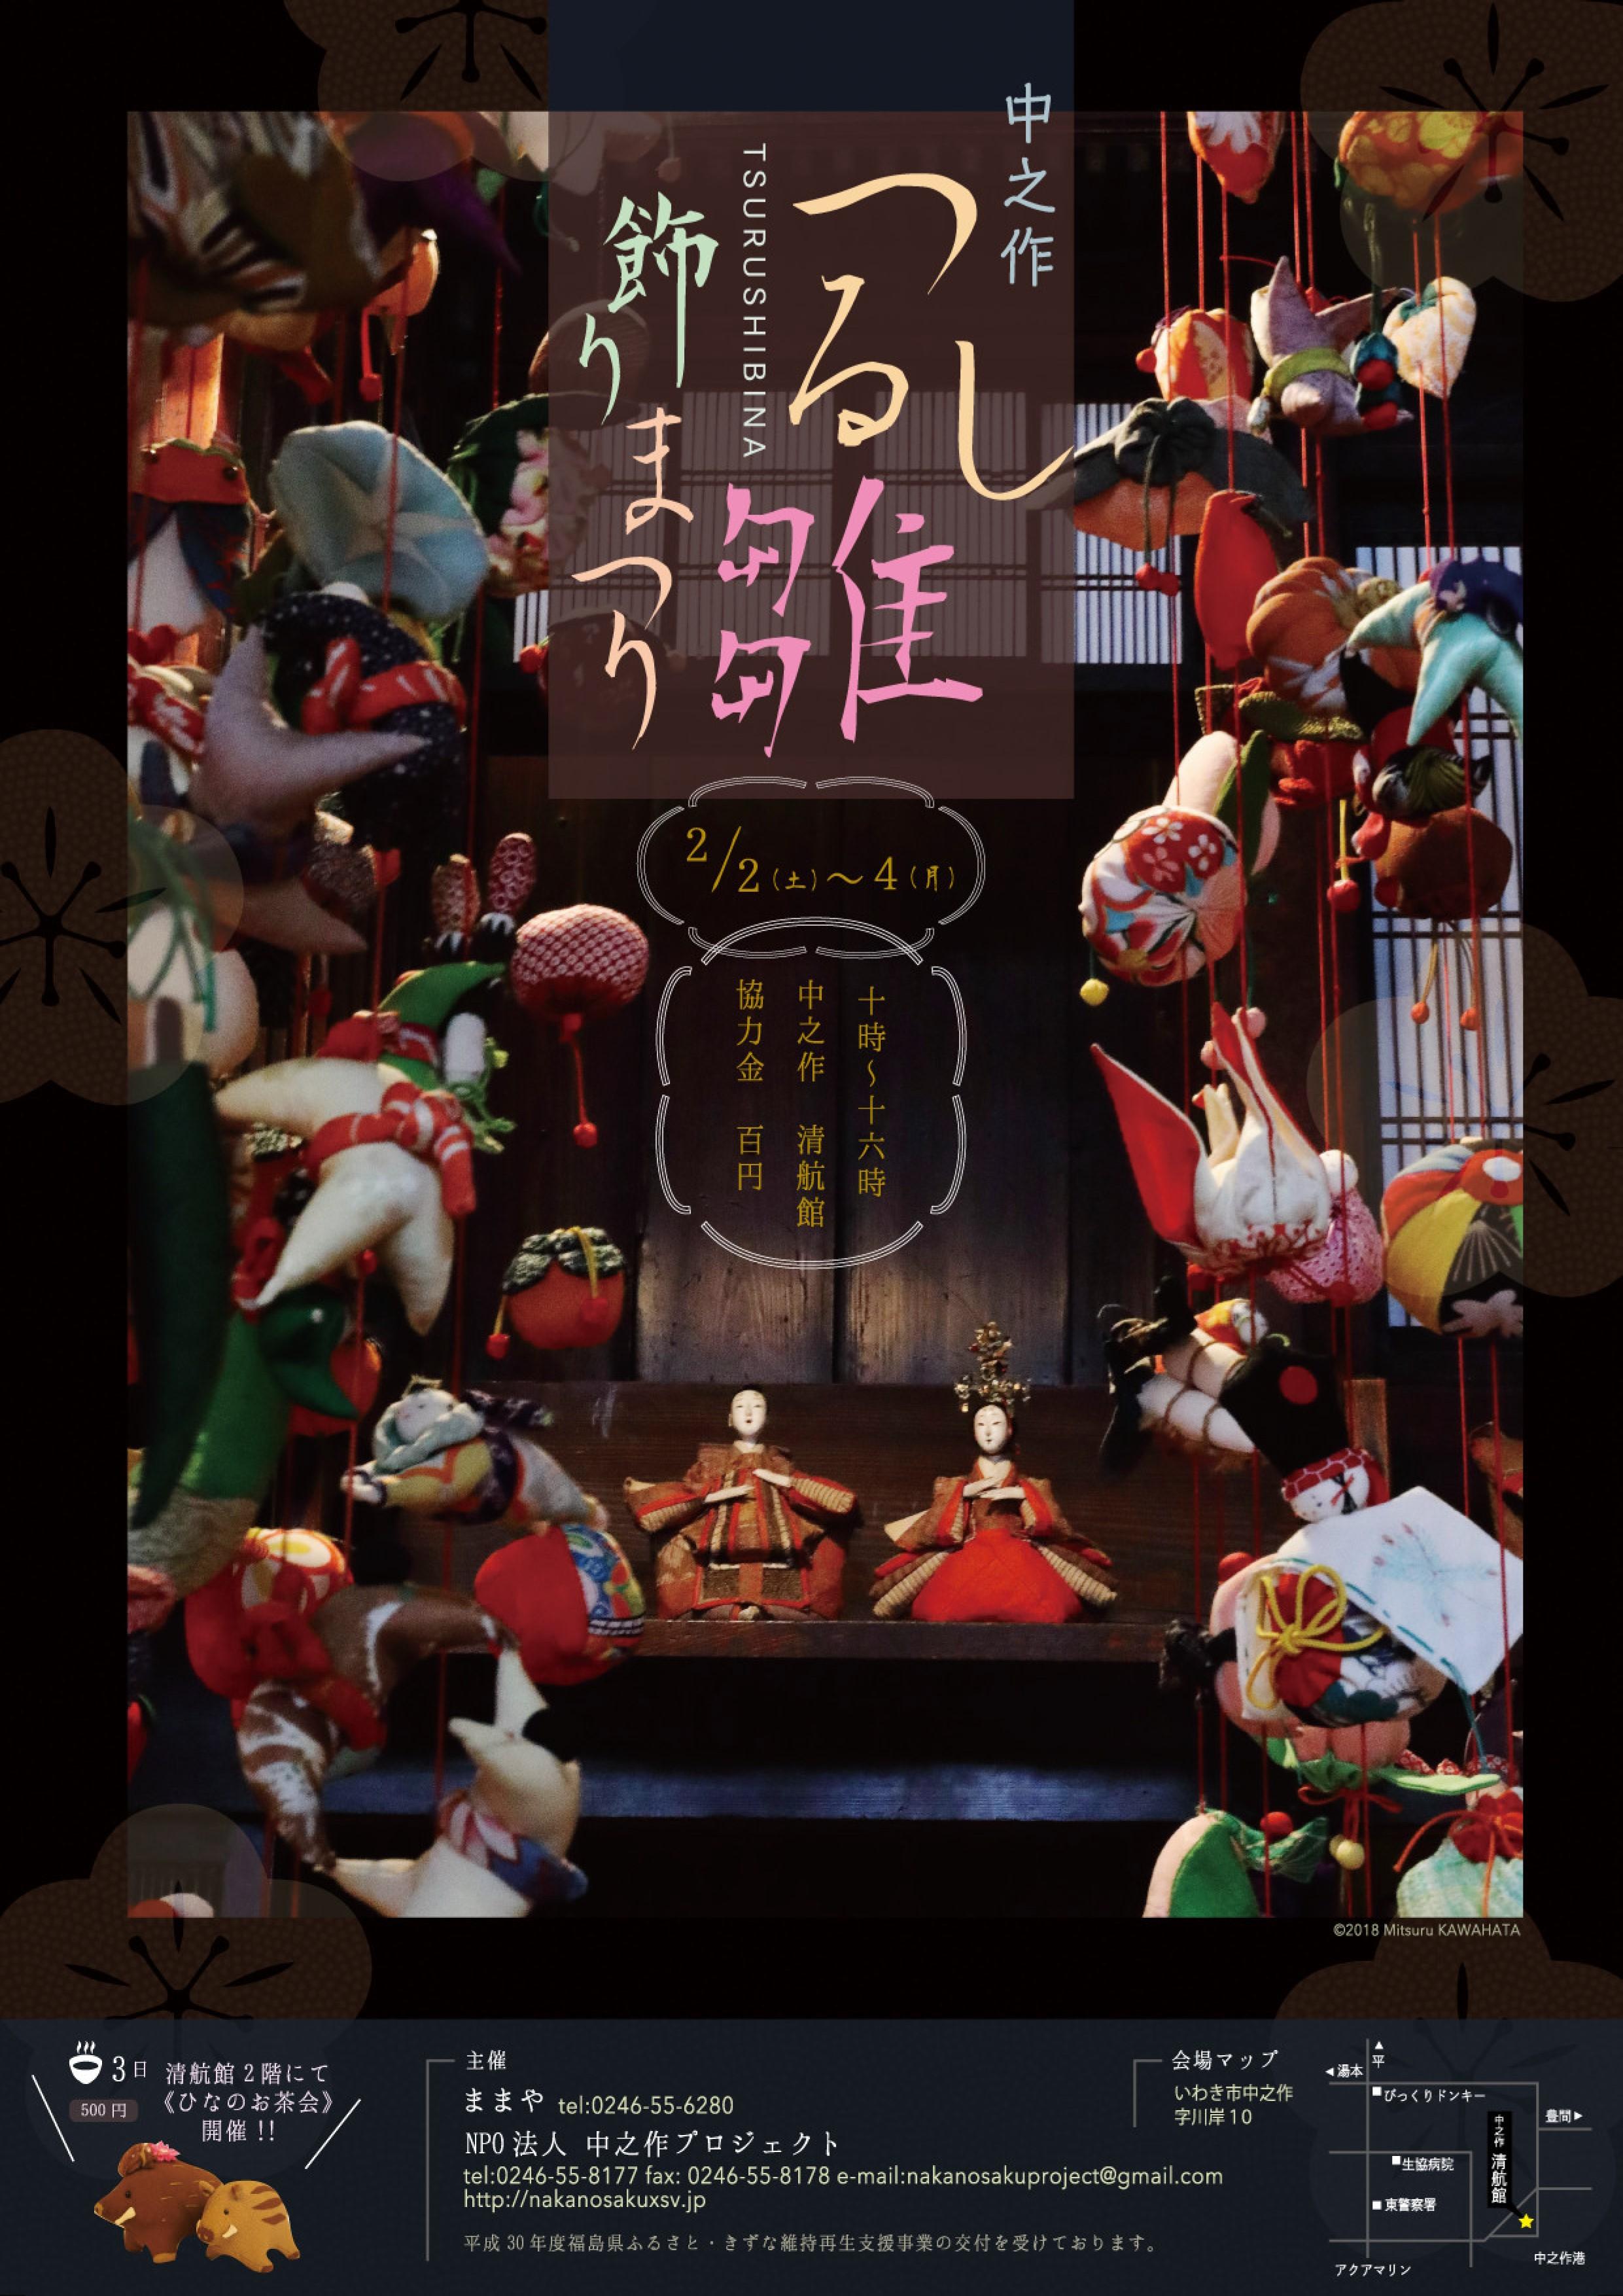 第15回 いわき市中之作 【つるし雛飾り祭り】のお知らせ